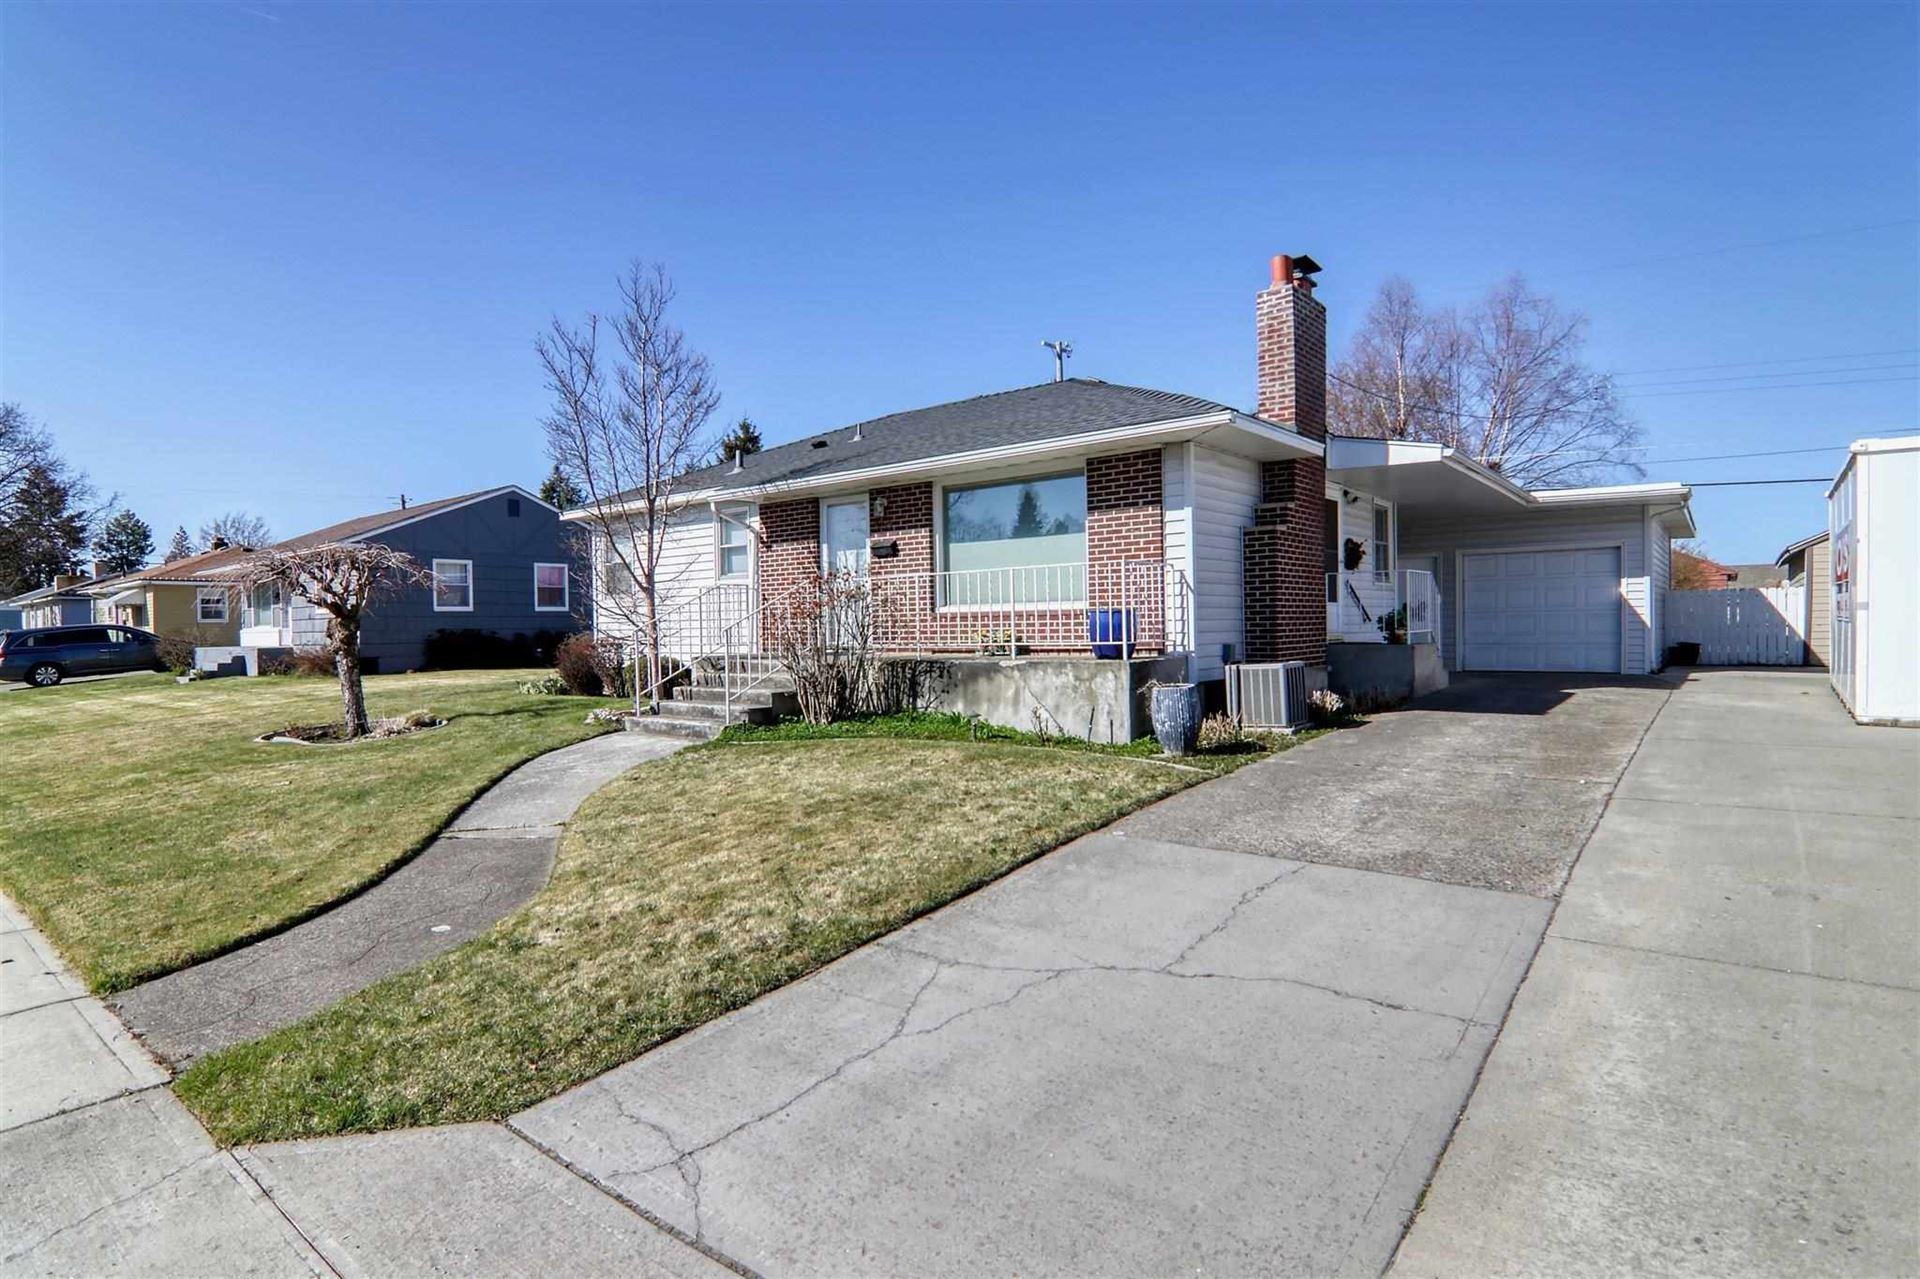 5719 N E St, Spokane, WA 99205 - #: 202115025